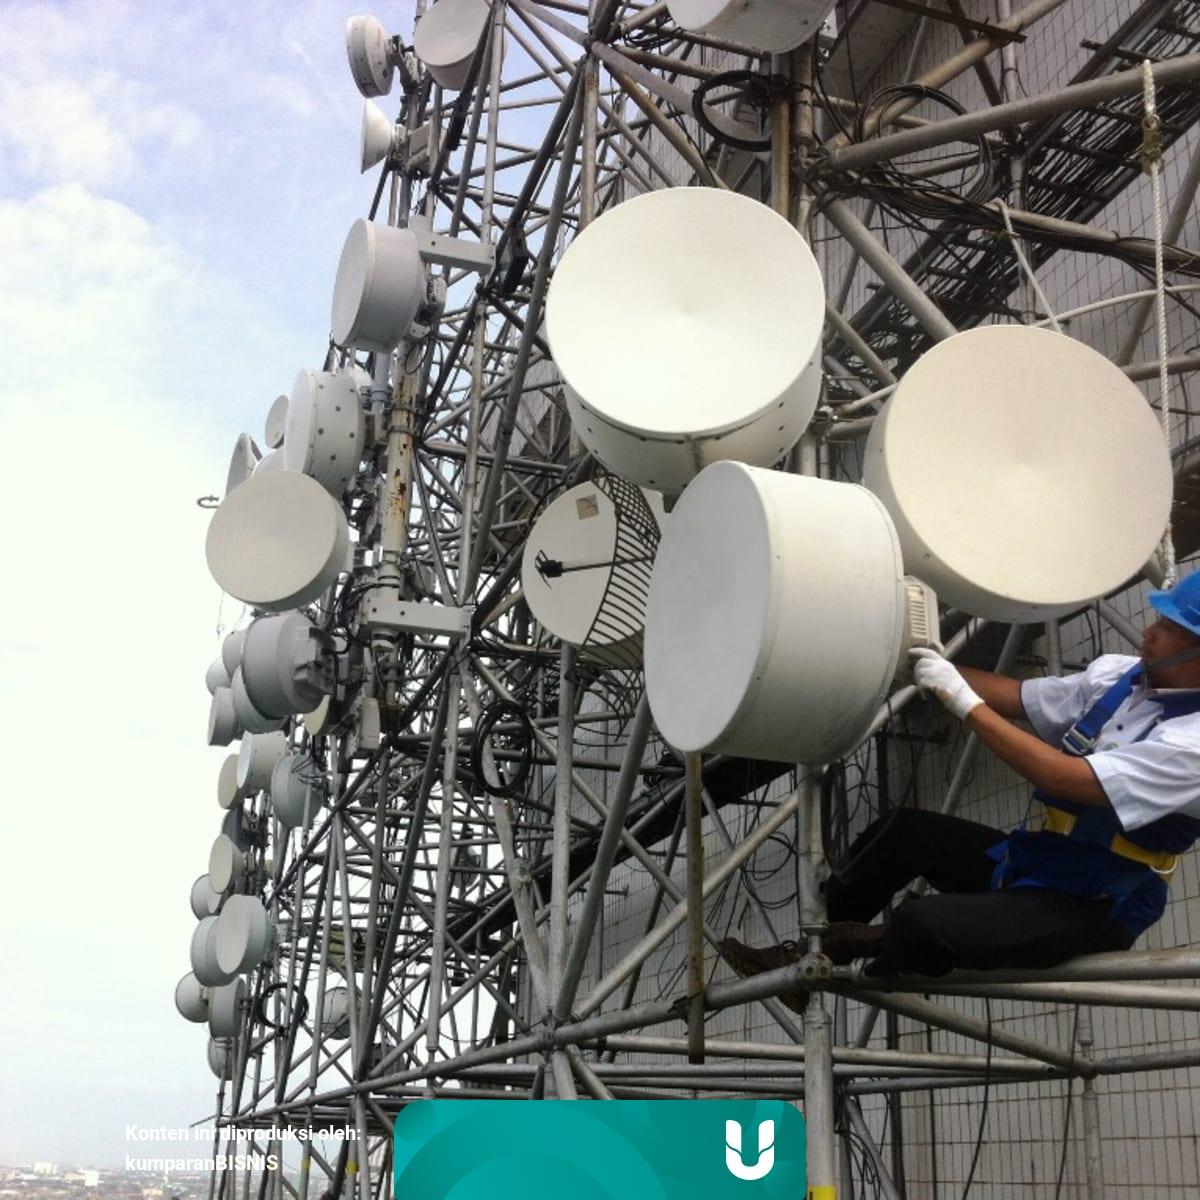 Lowongan Kerja Bumn Telekomunikasi Tawarkan 9 Posisi Ada Untuk Lulusan Smk Kumparan Com